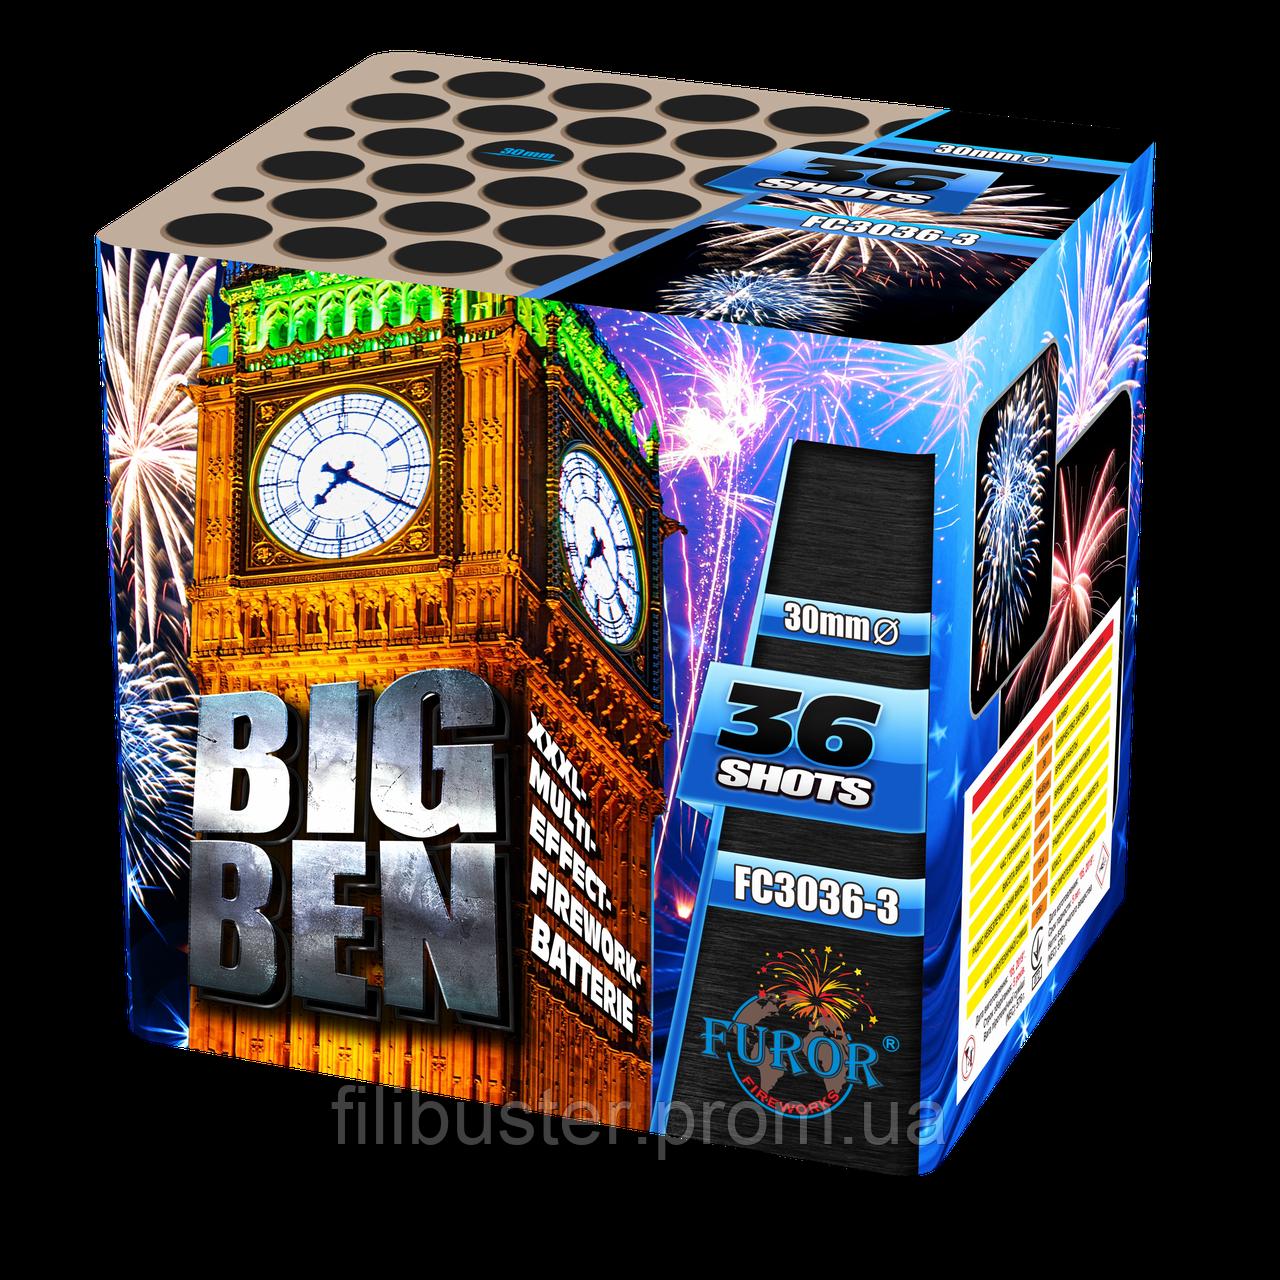 Салют Big Ben на 36 выстрелов